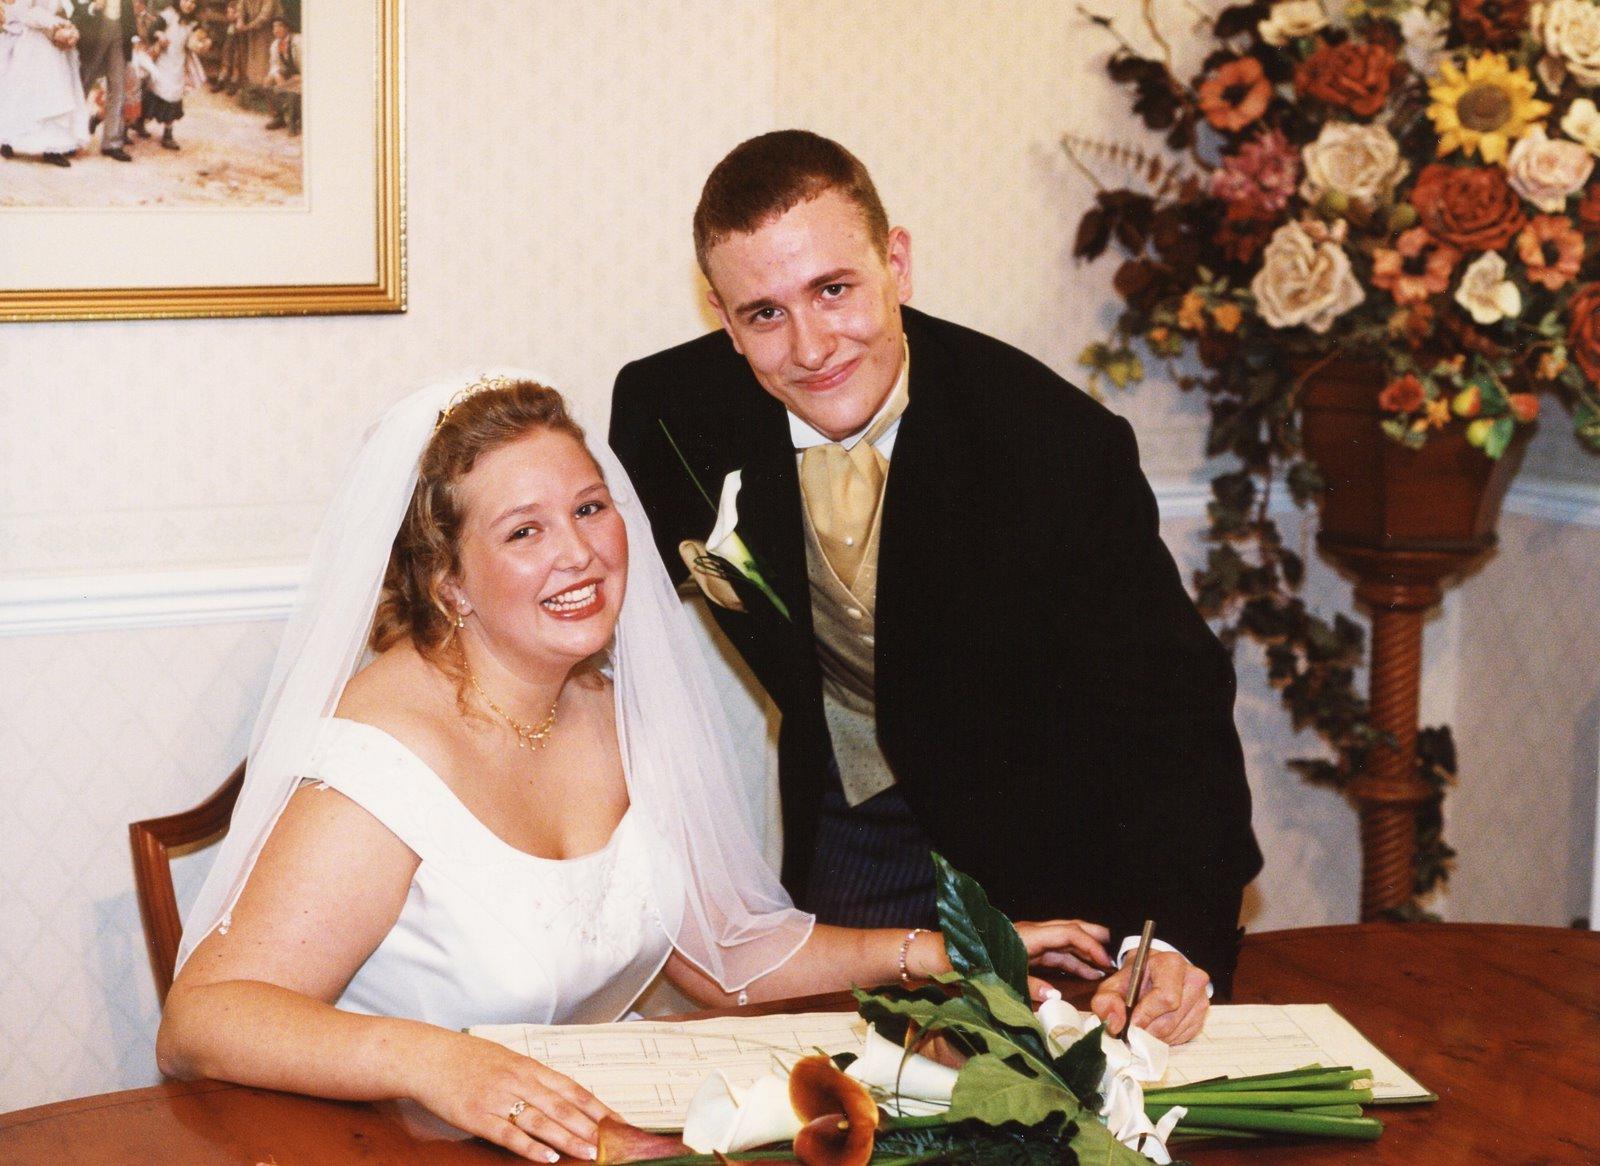 My Wedding Anniversary and